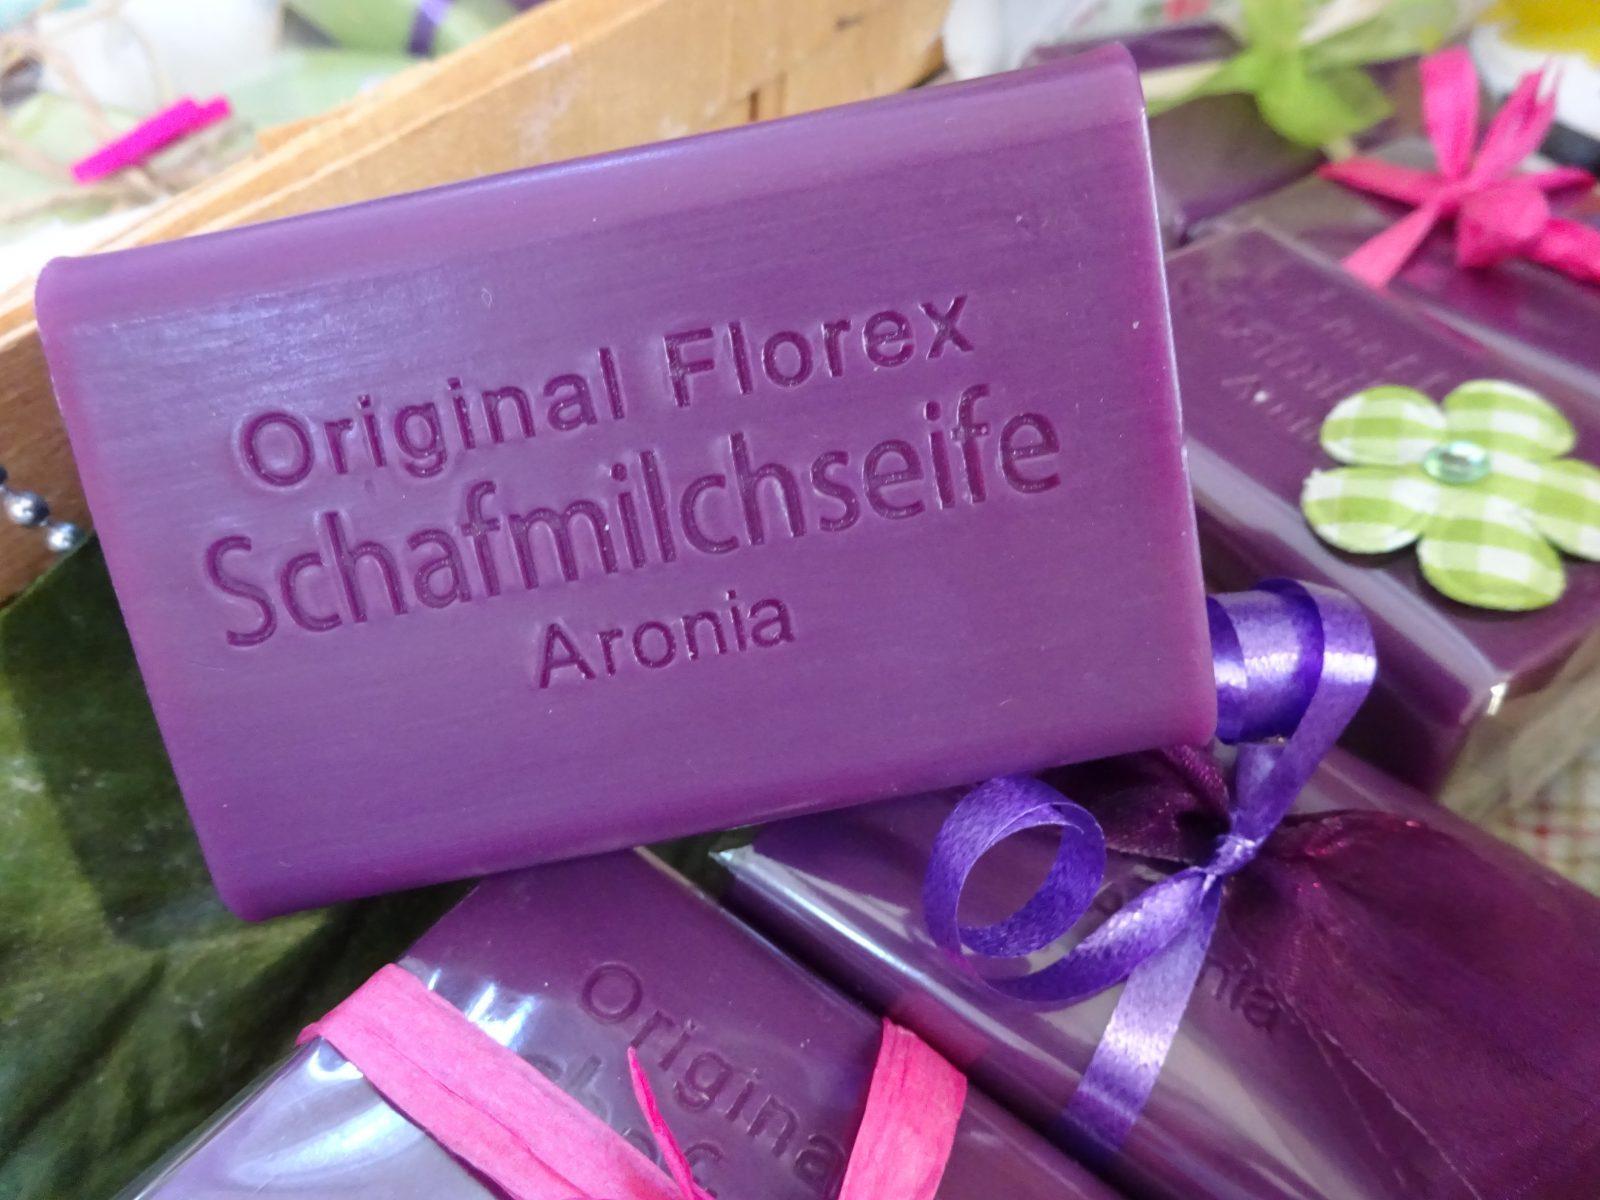 Schafmilchseife Aronia von Florex